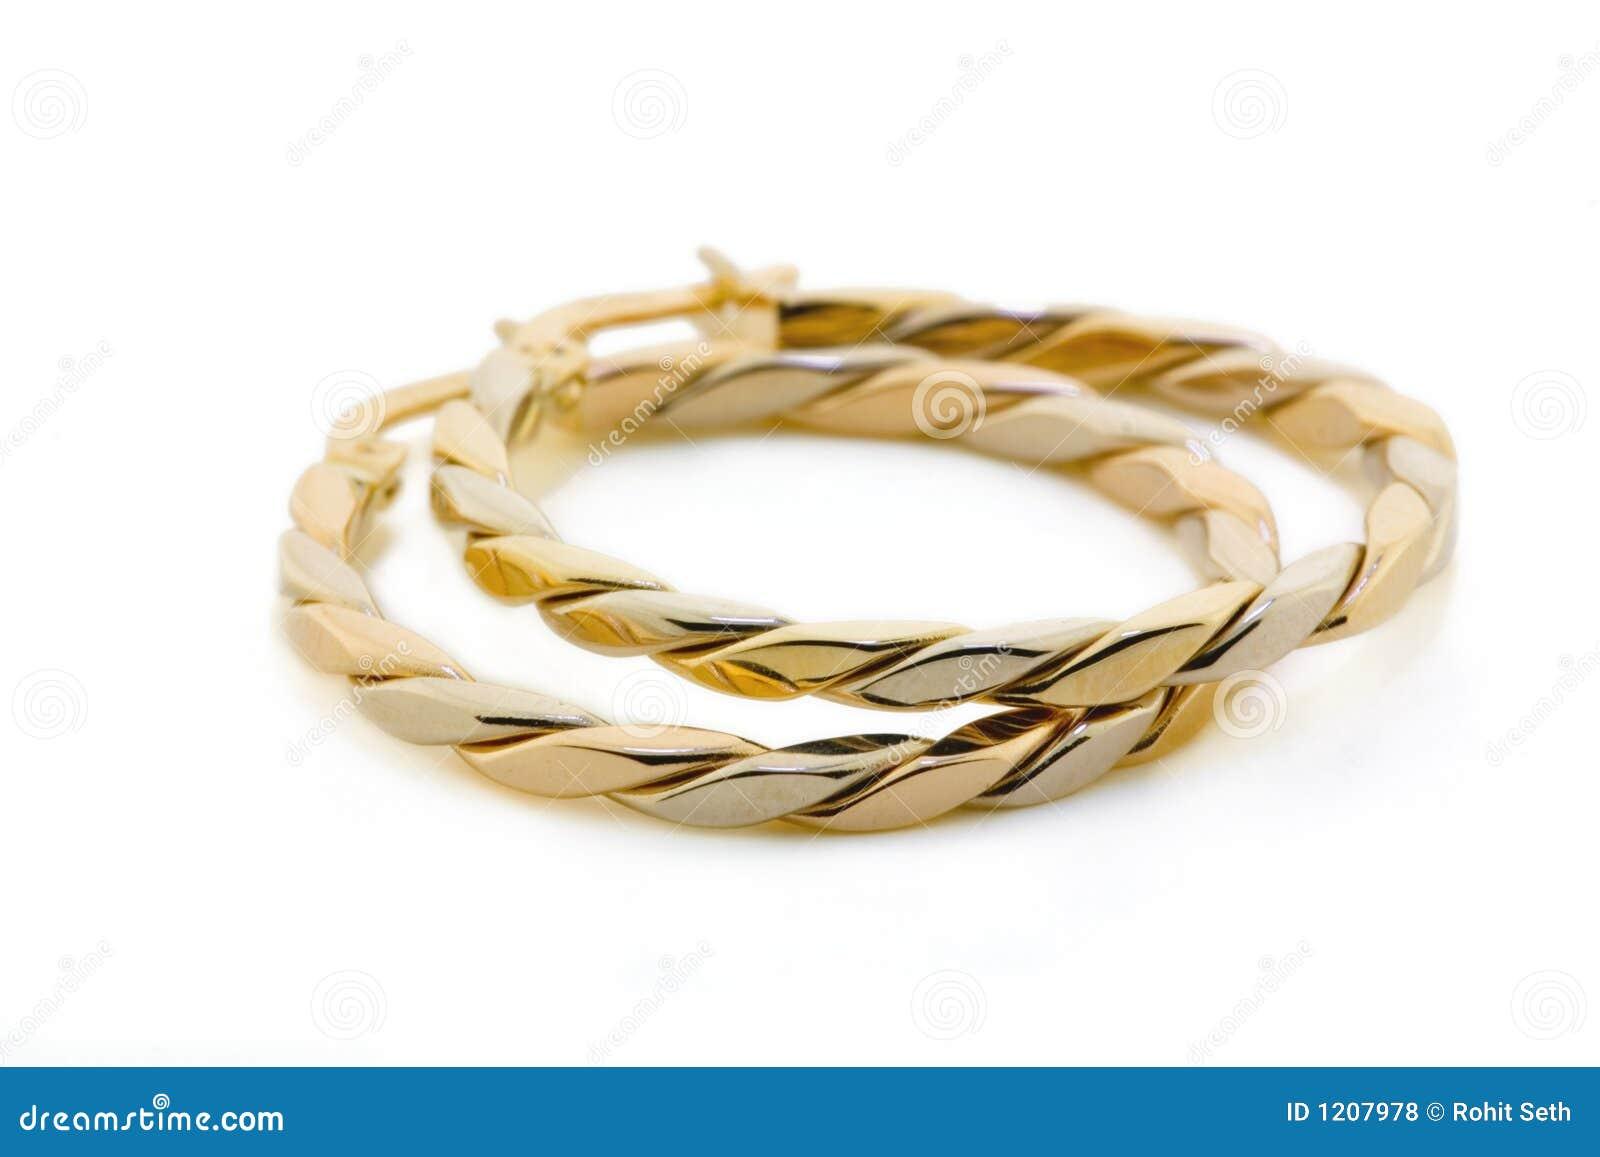 Gold Jewellery - Earrings stock photo. Image of girl, gift - 1207978